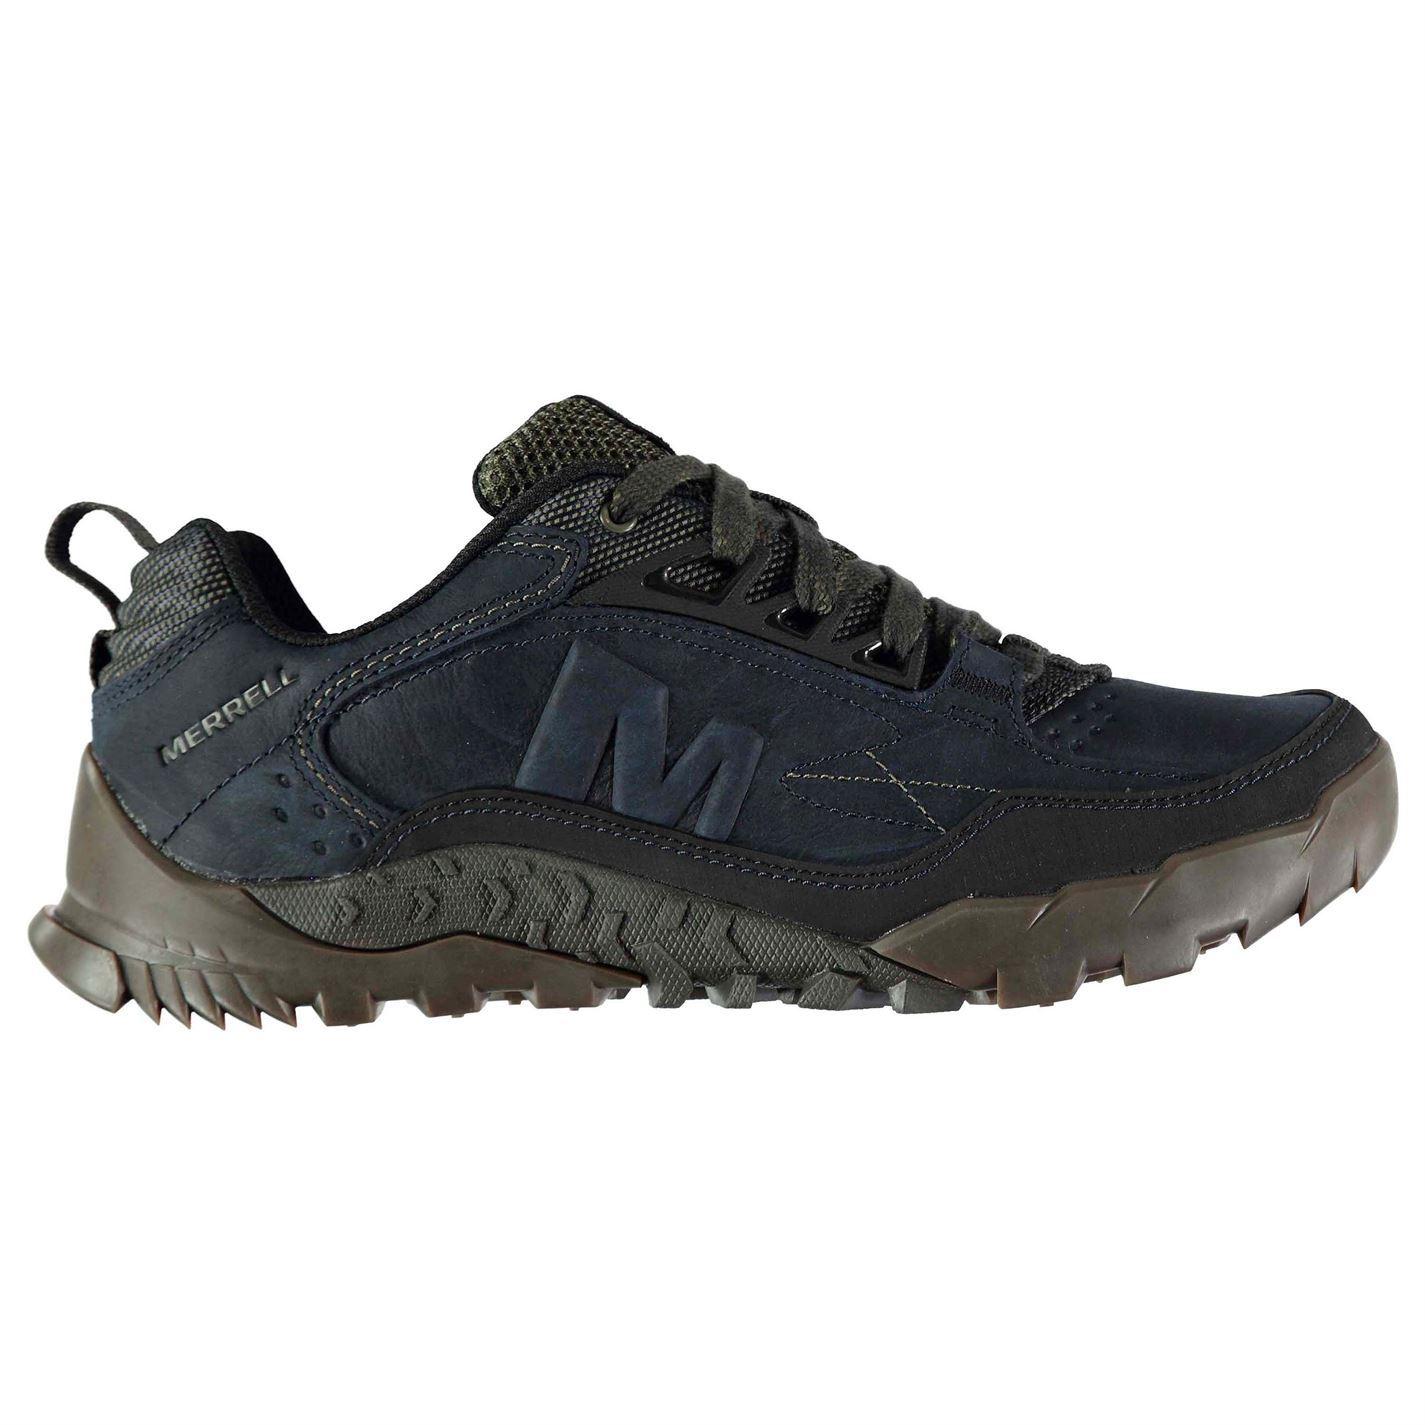 mens merrell walking shoes uk price